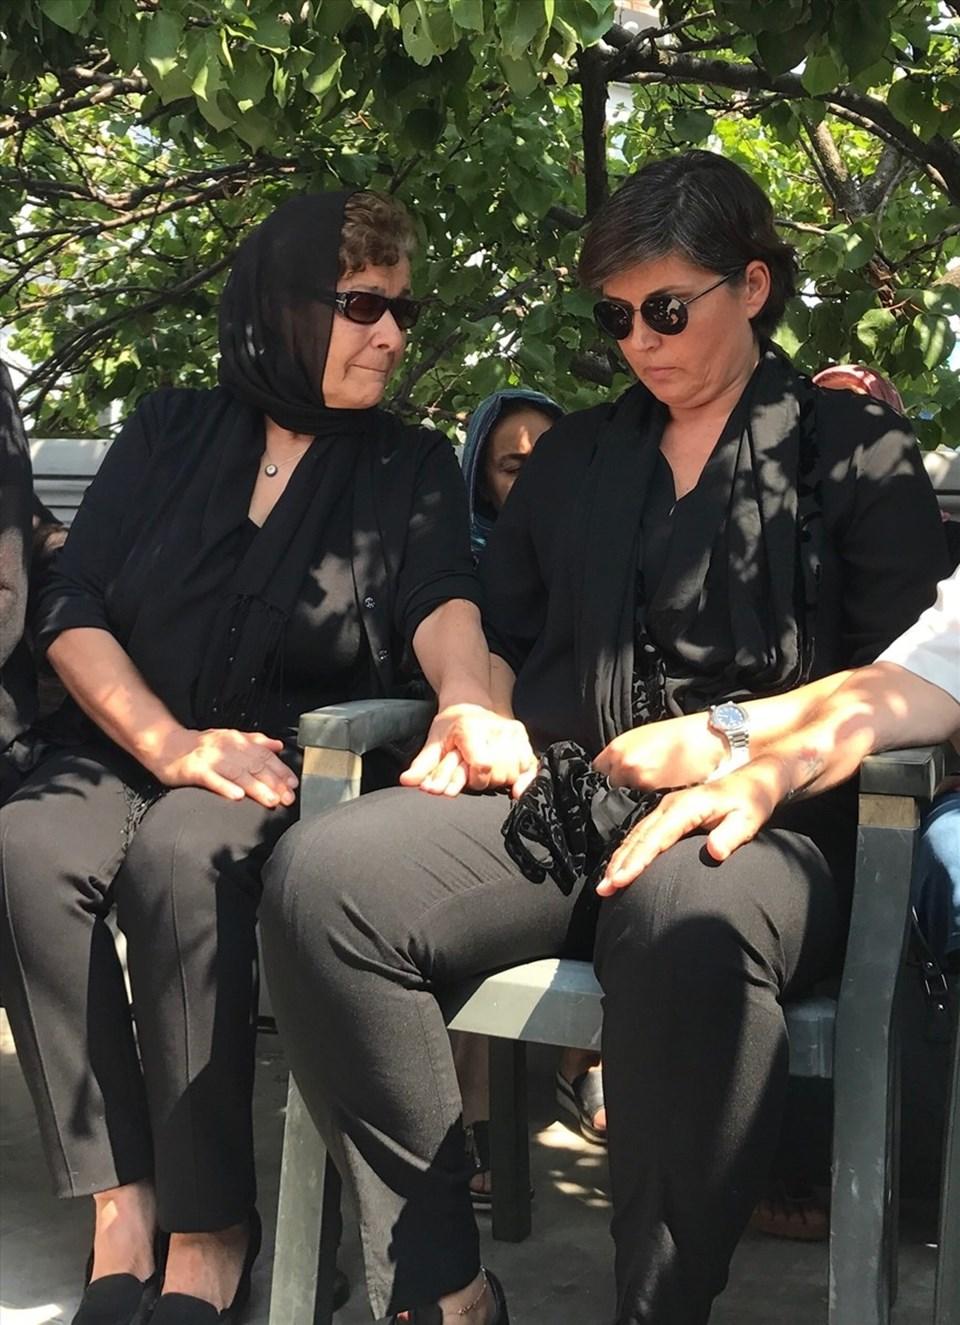 Cenaze töreninde Vatan Şaşmaz'ın annesi (solda) ve eşi yan yana oturdu.